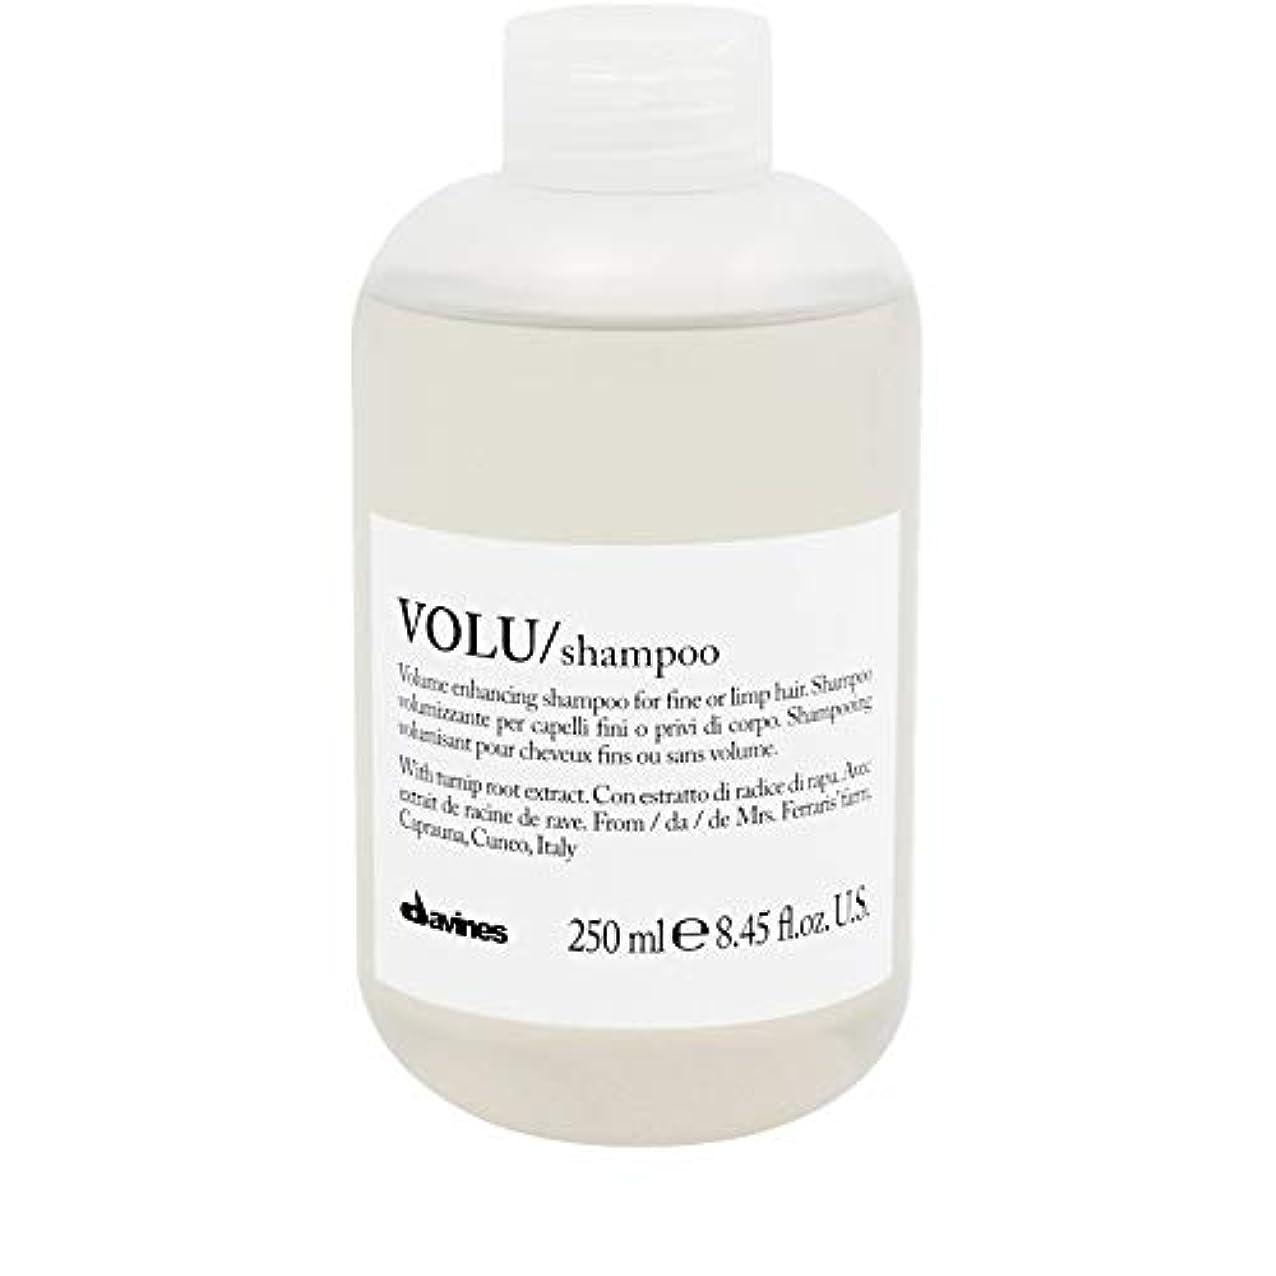 スピン弾性魅了する[Davines ] ダヴィネスVoluシャンプー250ミリリットル - Davines Volu Shampoo 250ml [並行輸入品]